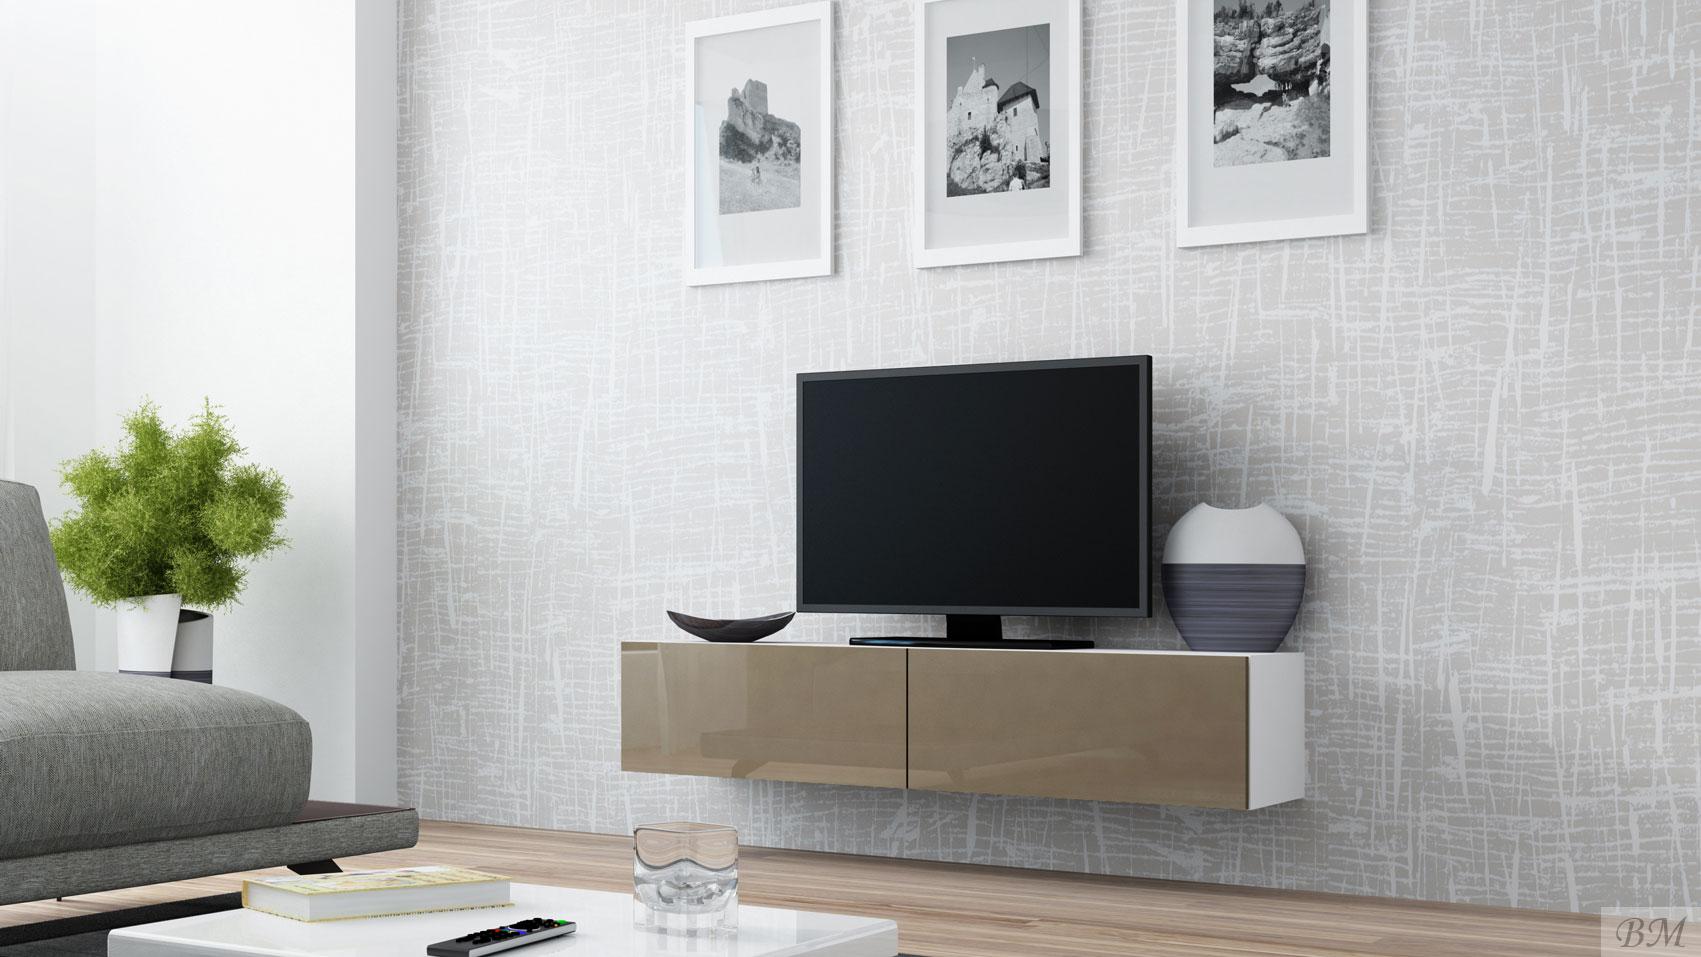 Купить Мебель Cama meble TV 140 VIGO galds Польша ТВ комоды тумбы